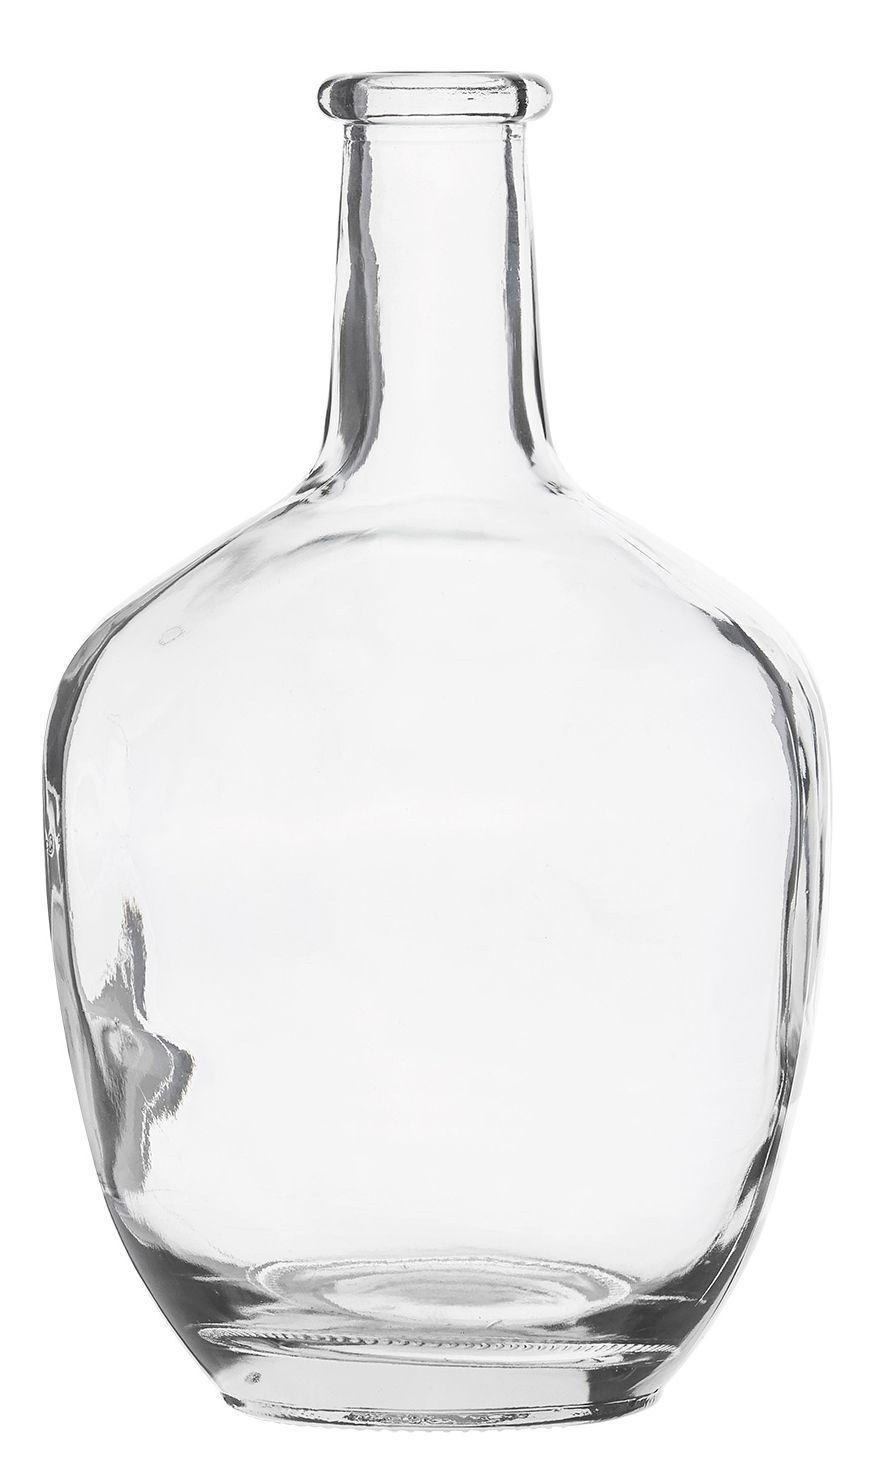 Decoration - Vases - Bottle Bud vase - Glass - H 25,5 cm by House Doctor - Transparent - Glass